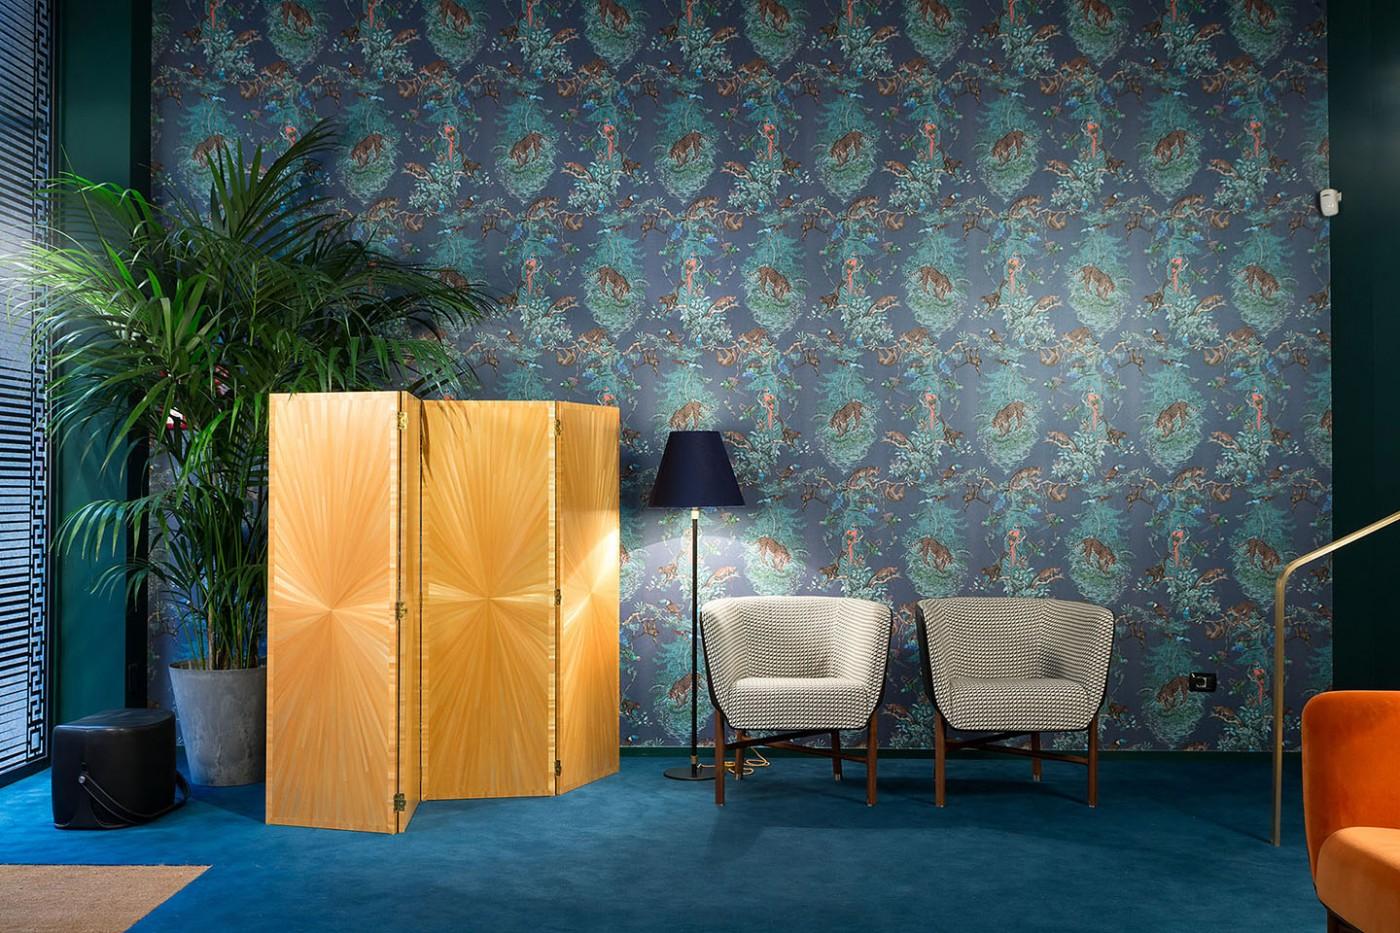 Herm s maison showroom milan dimorestudio for Maison hermes